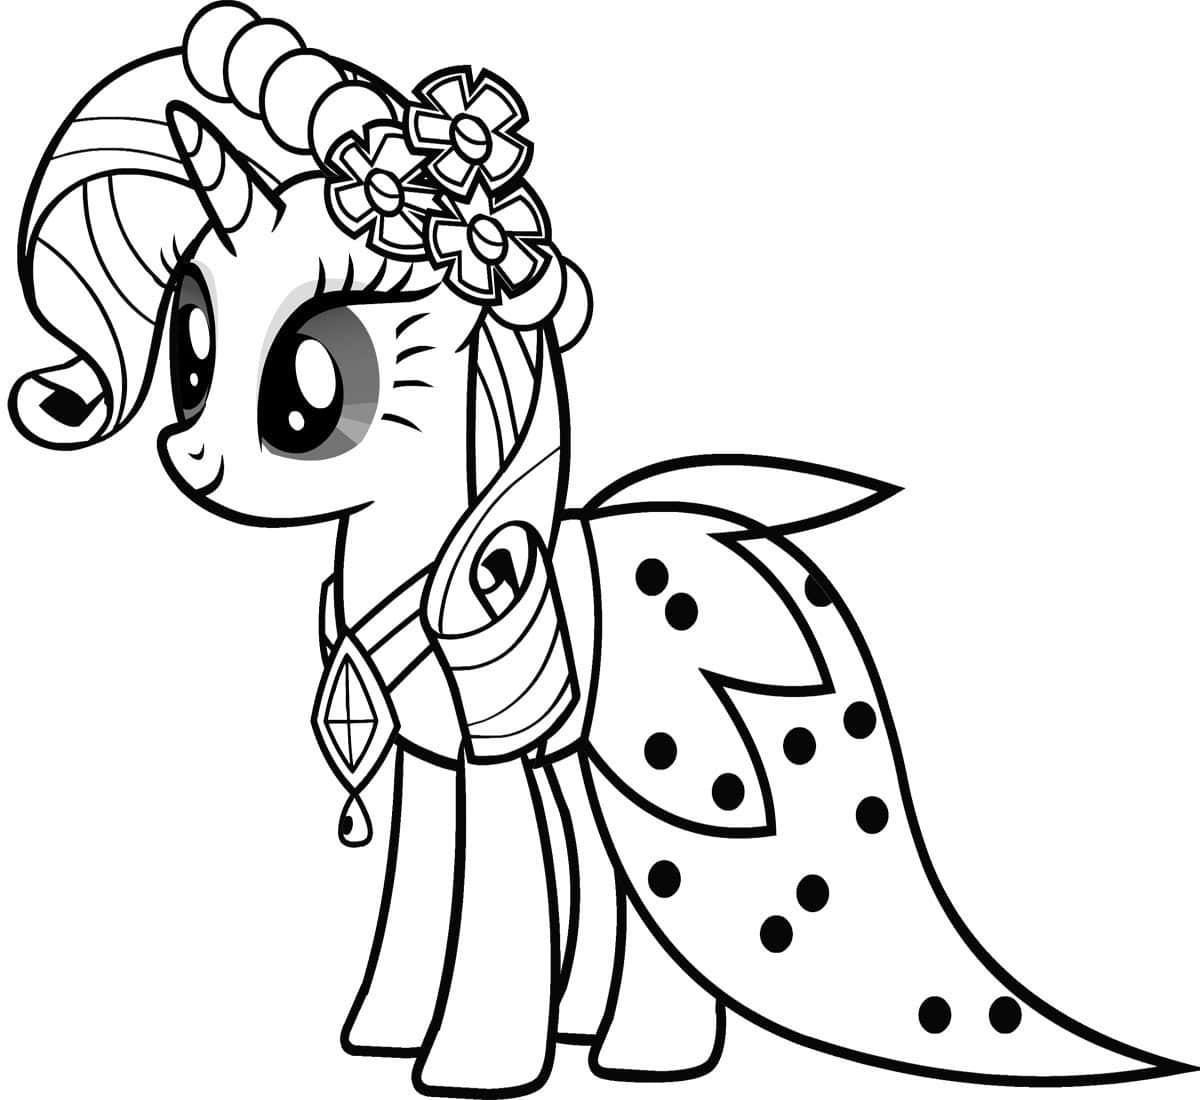 Раскраска для девочек май литл пони распечатать